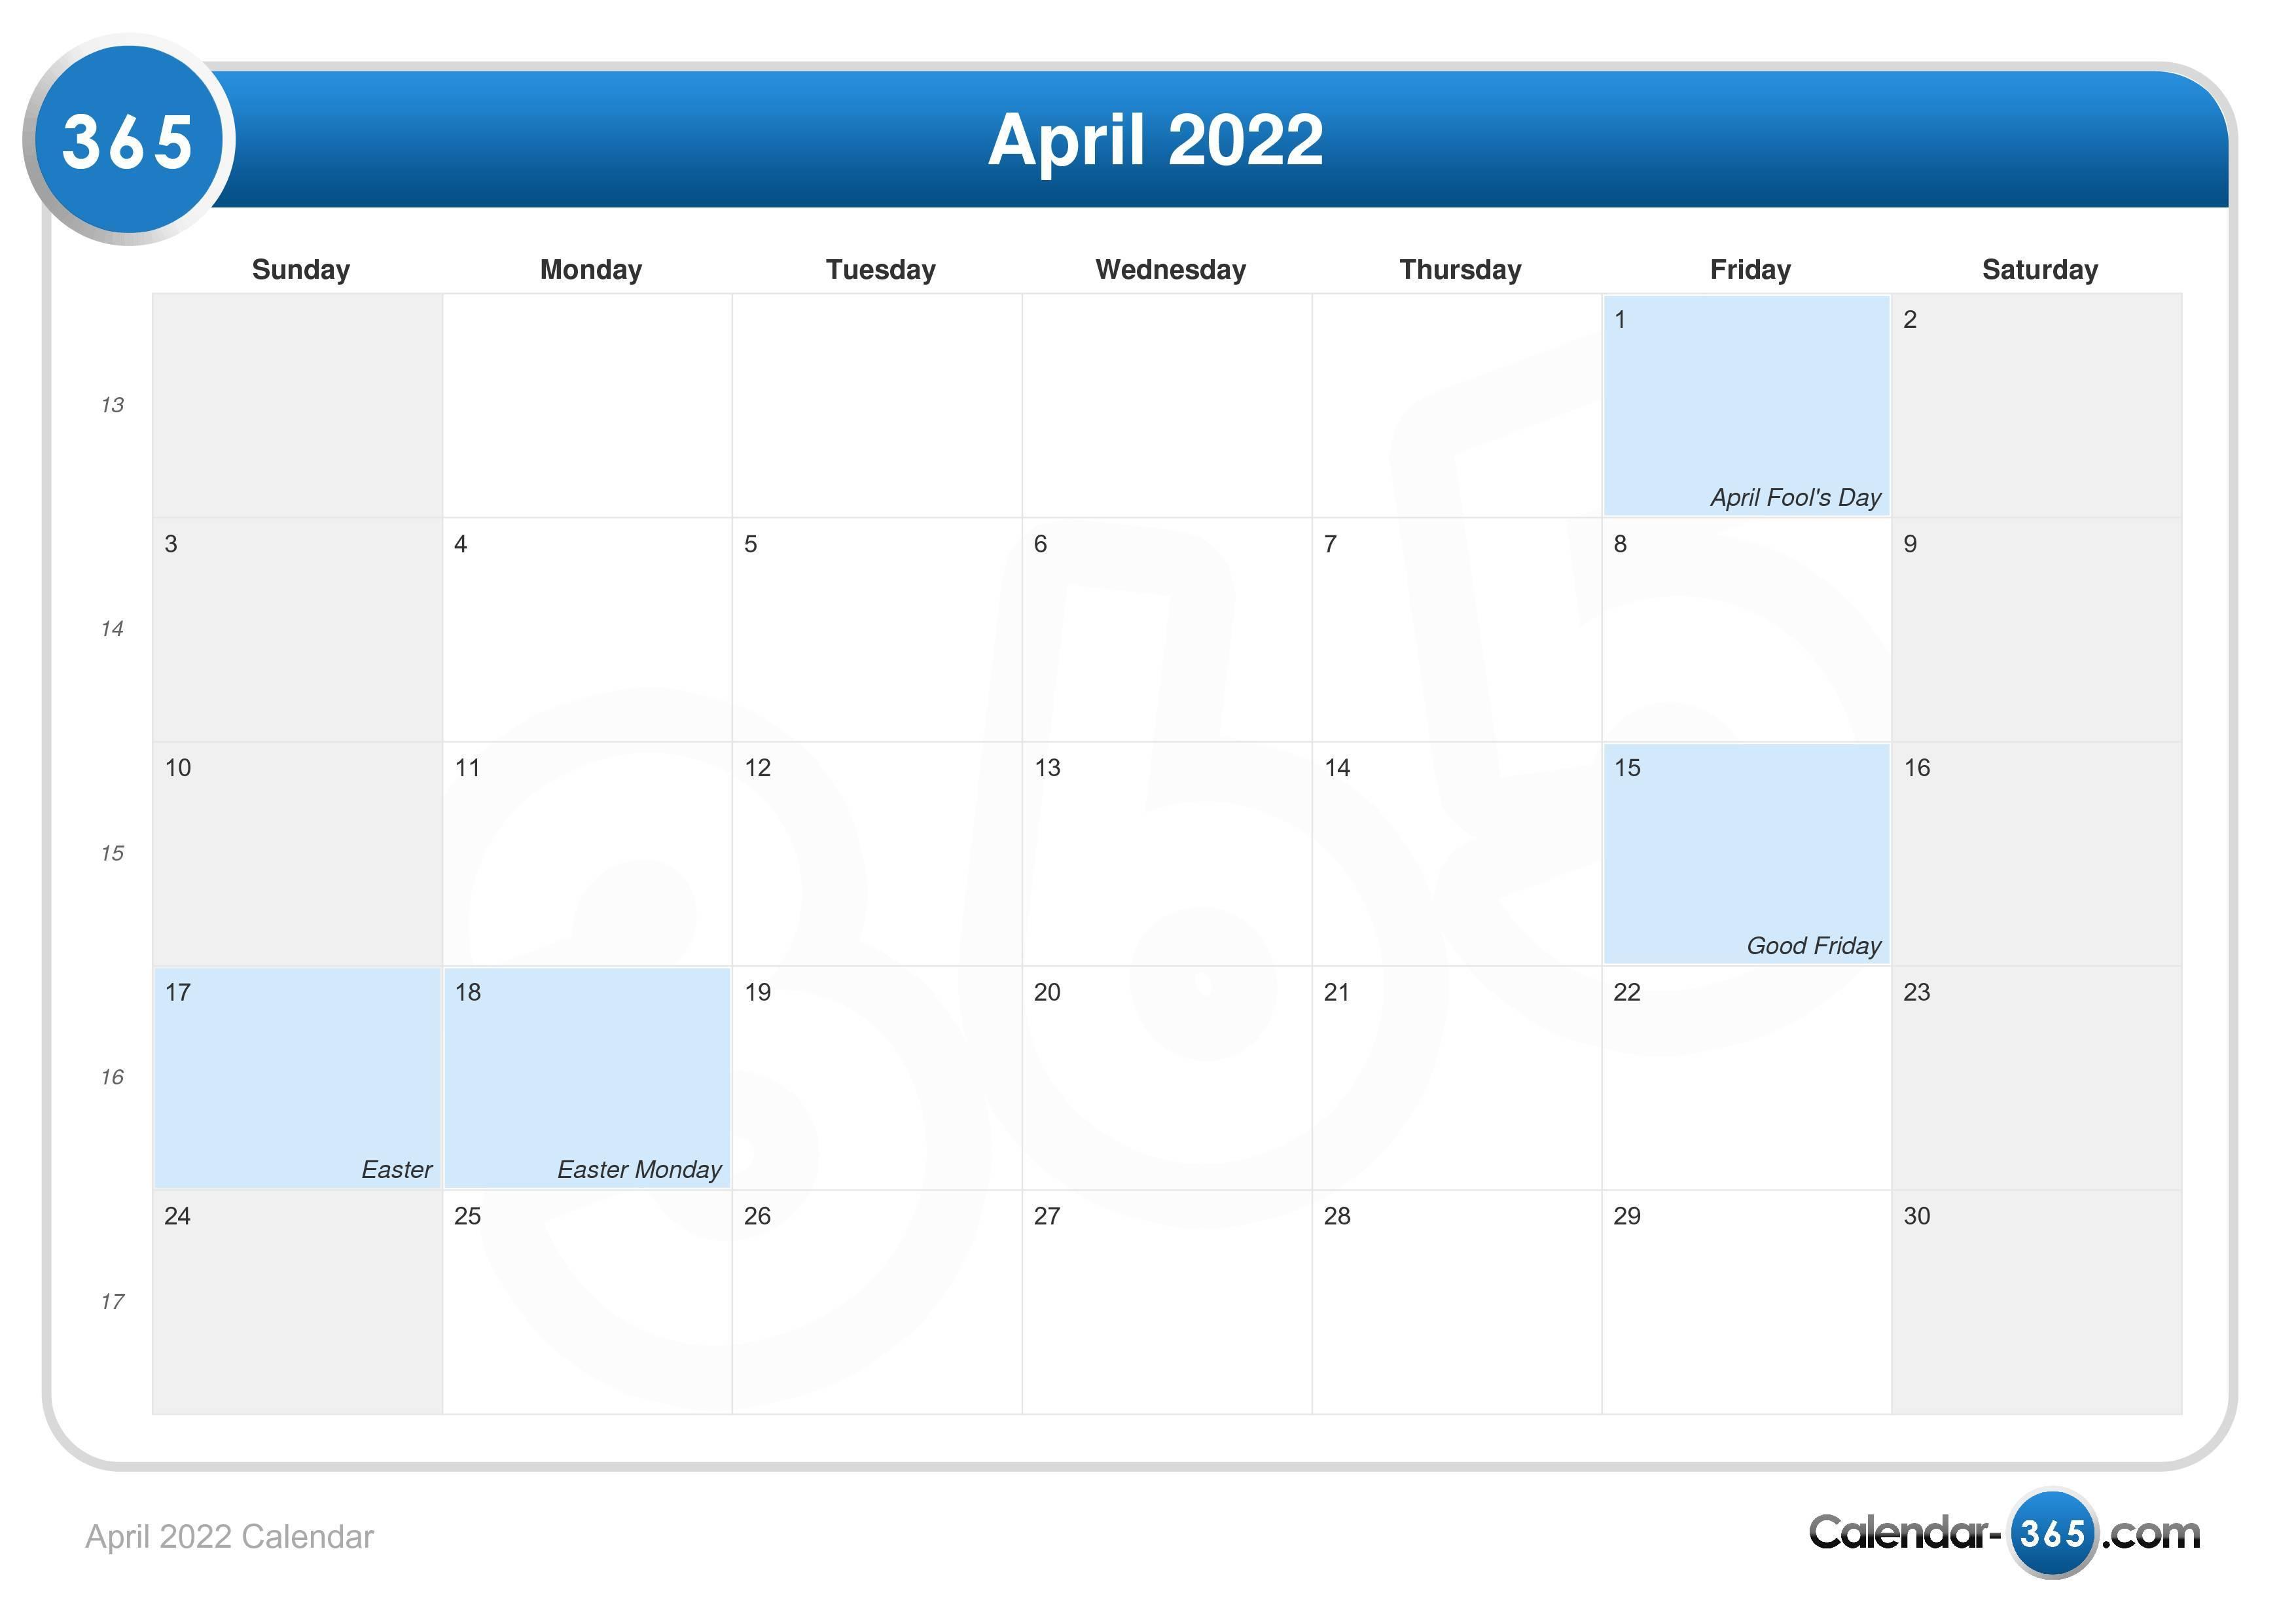 Huntsville City Schools Calendar 2022 23.April 2022 Calendar